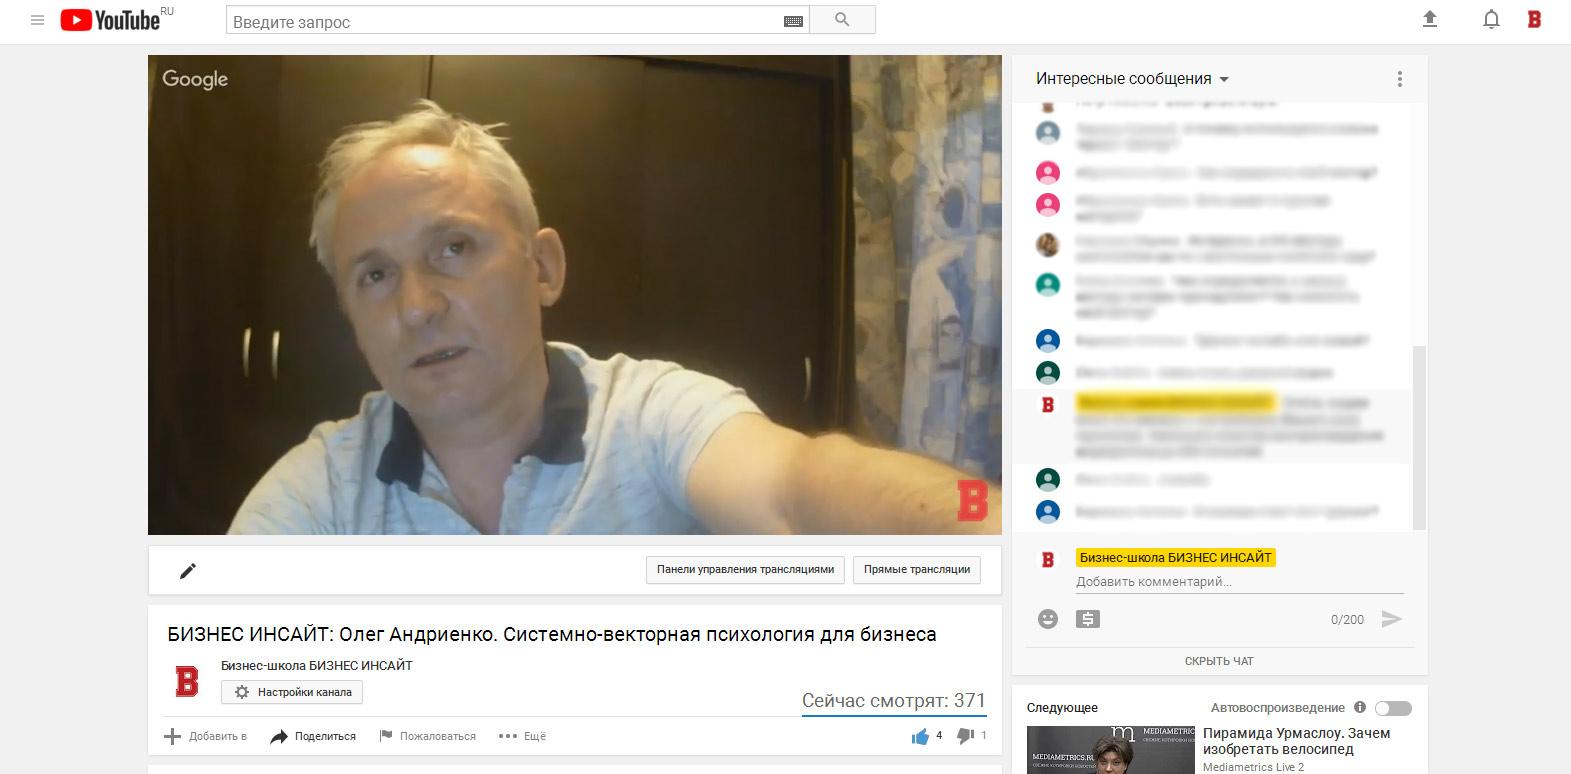 Олег Андриенко провел открытый (бесплатный) вебинар на площадке БИЗНЕС ИНСАЙТ